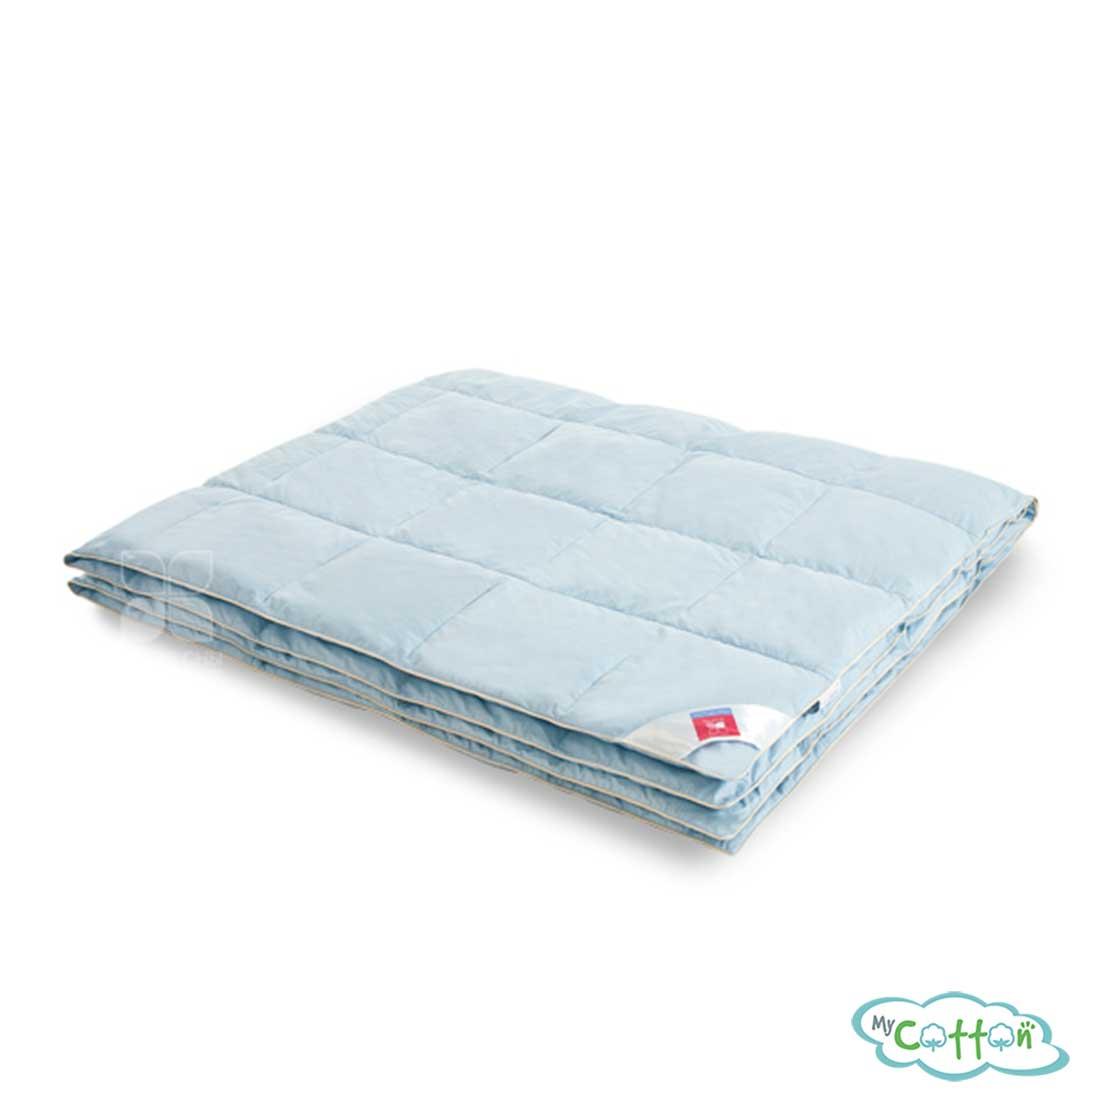 """Десткое одеяло кассетное """"Камелия"""" от компании Легкие сны, легкое"""